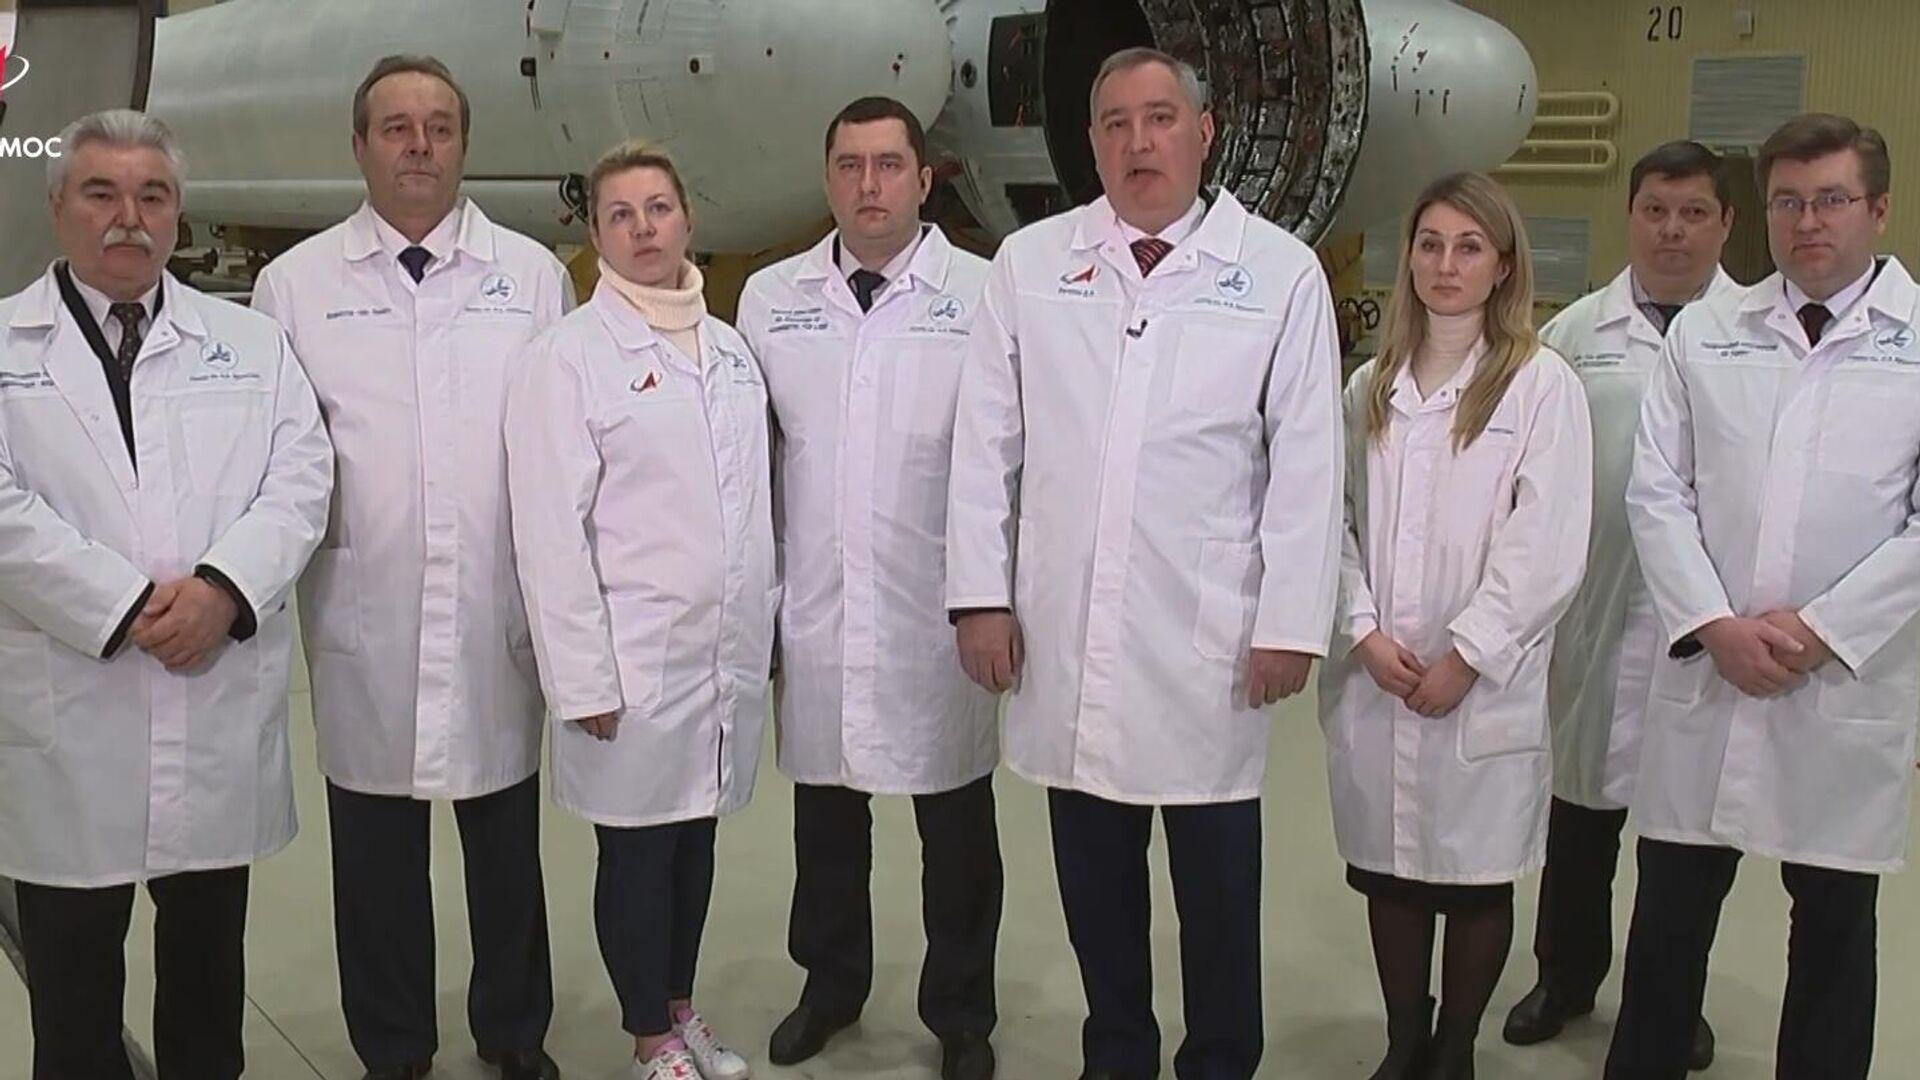 Рогозин поздравил россиян с Днем космонавтики - РИА Новости, 1920, 12.04.2021